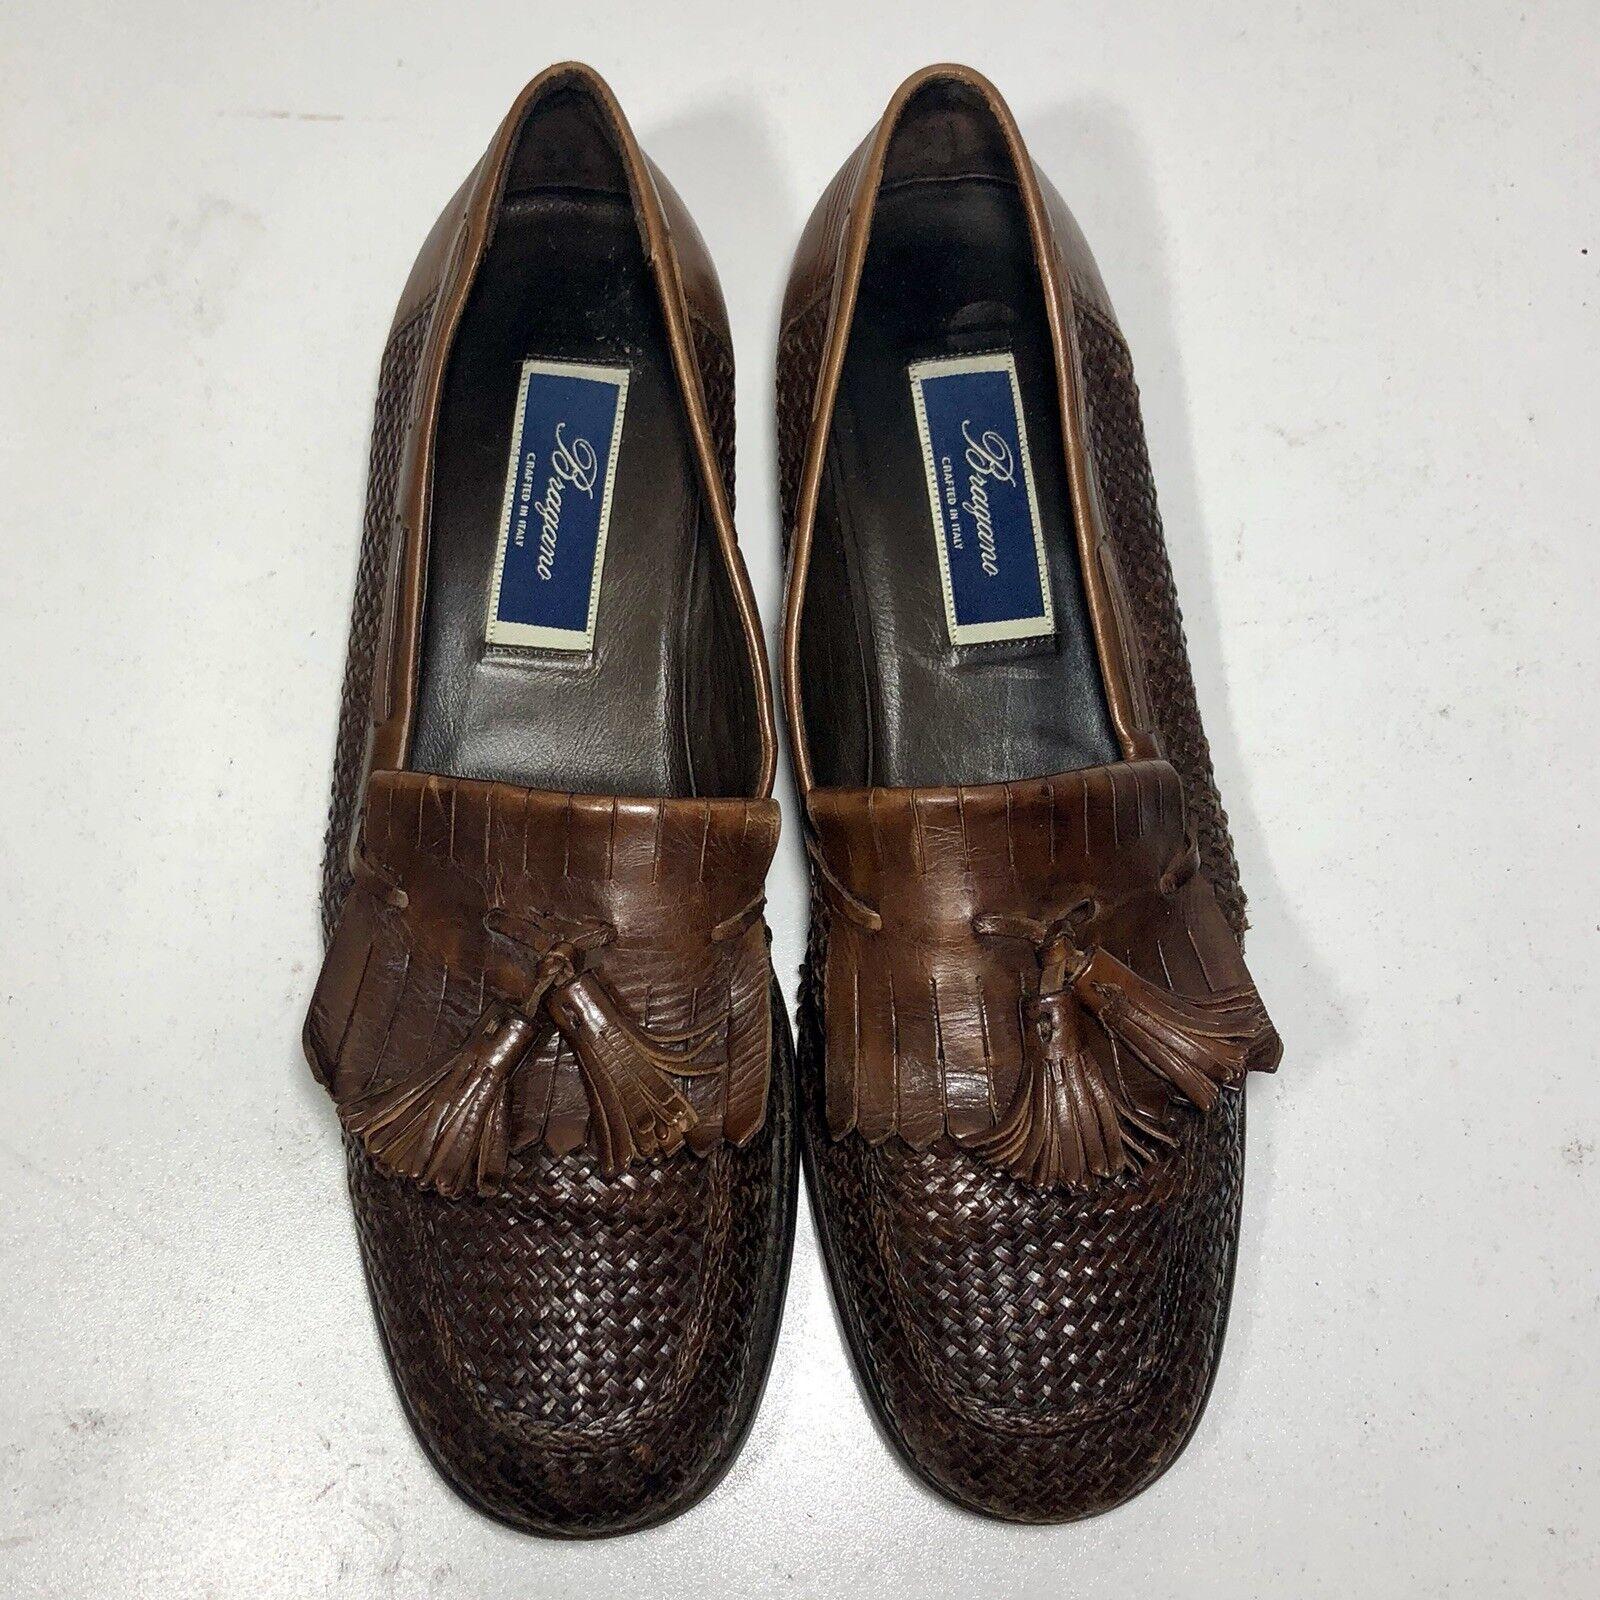 400 Bragano Bragano Bragano  Cole Haan Men's 10 M braun Woven Leather Tassel Kilt Loafers f26b04